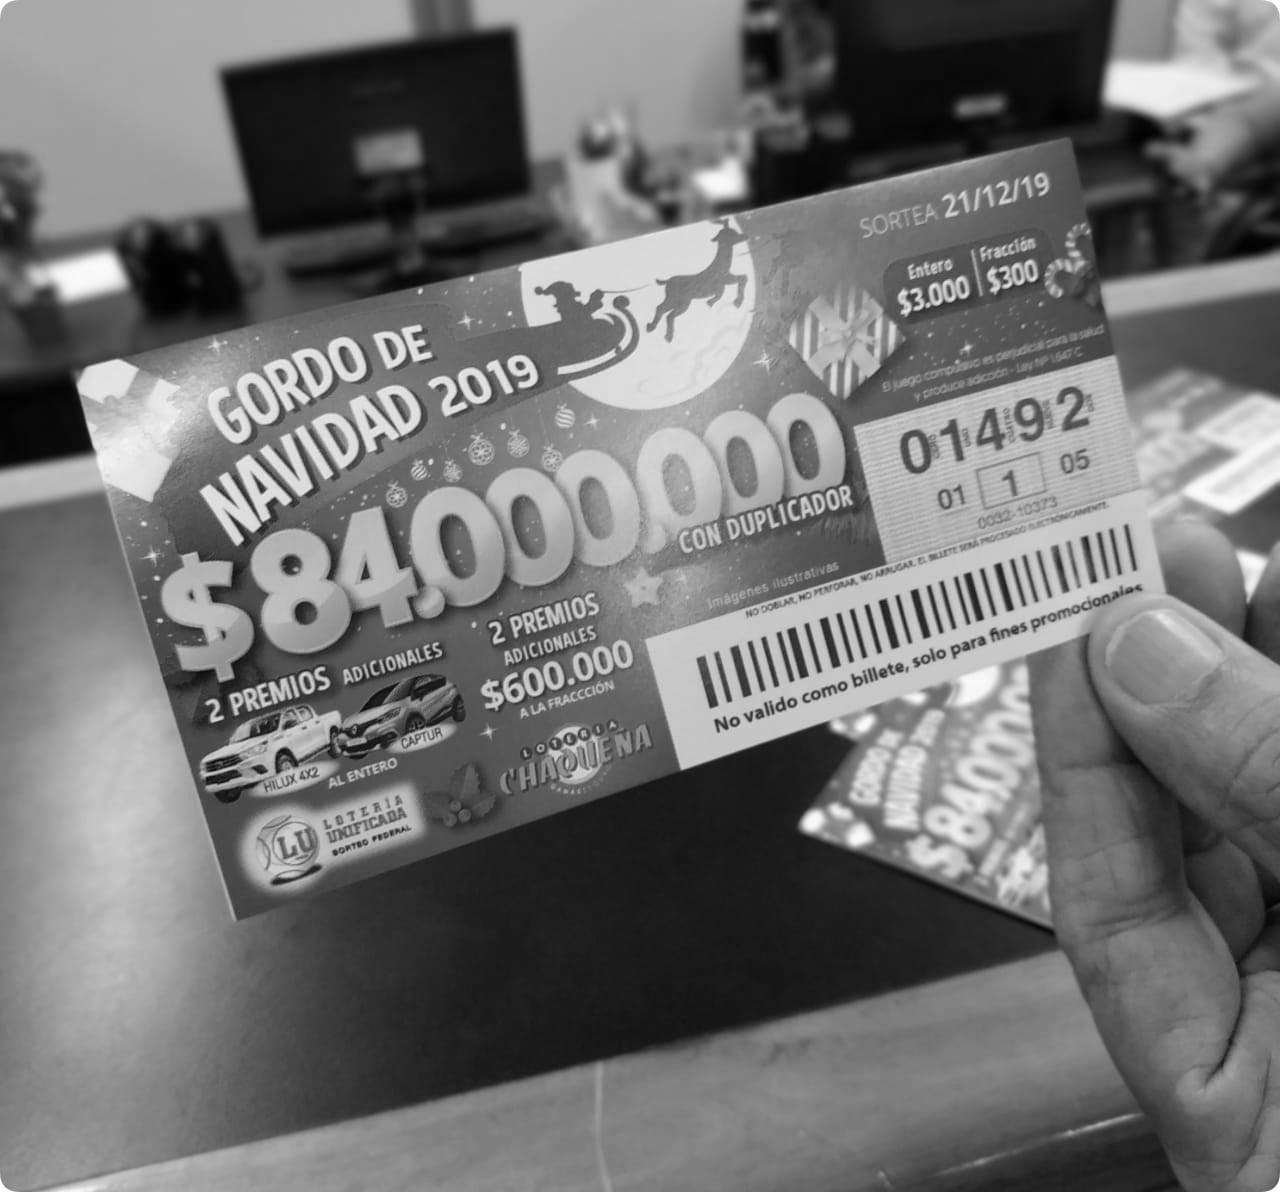 El Gordo de Navidad sortea este sábado un primer premio de $84M